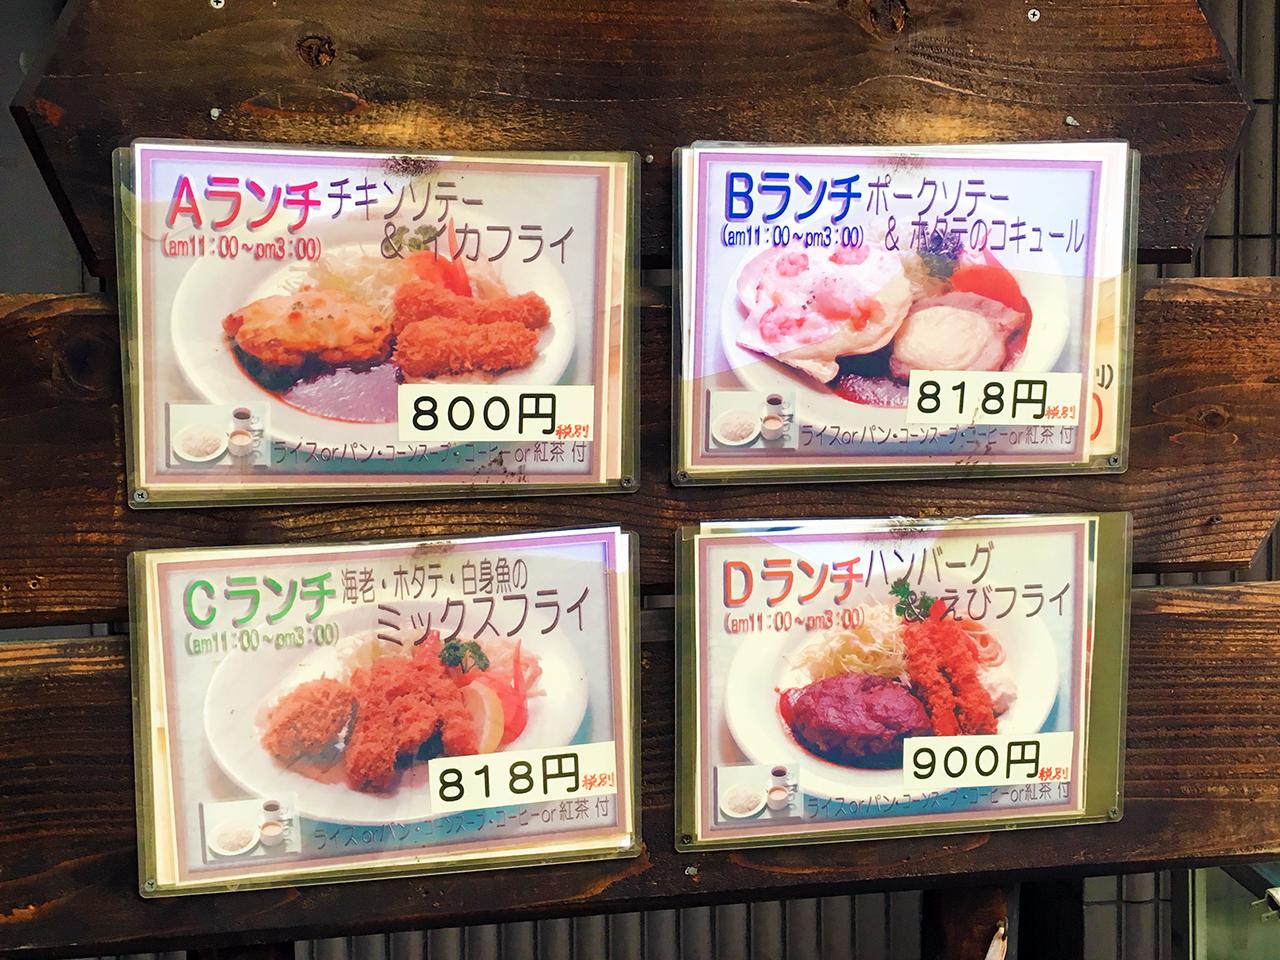 聖蹟桜ヶ丘の近江牛専門店「神谷」のレストラン